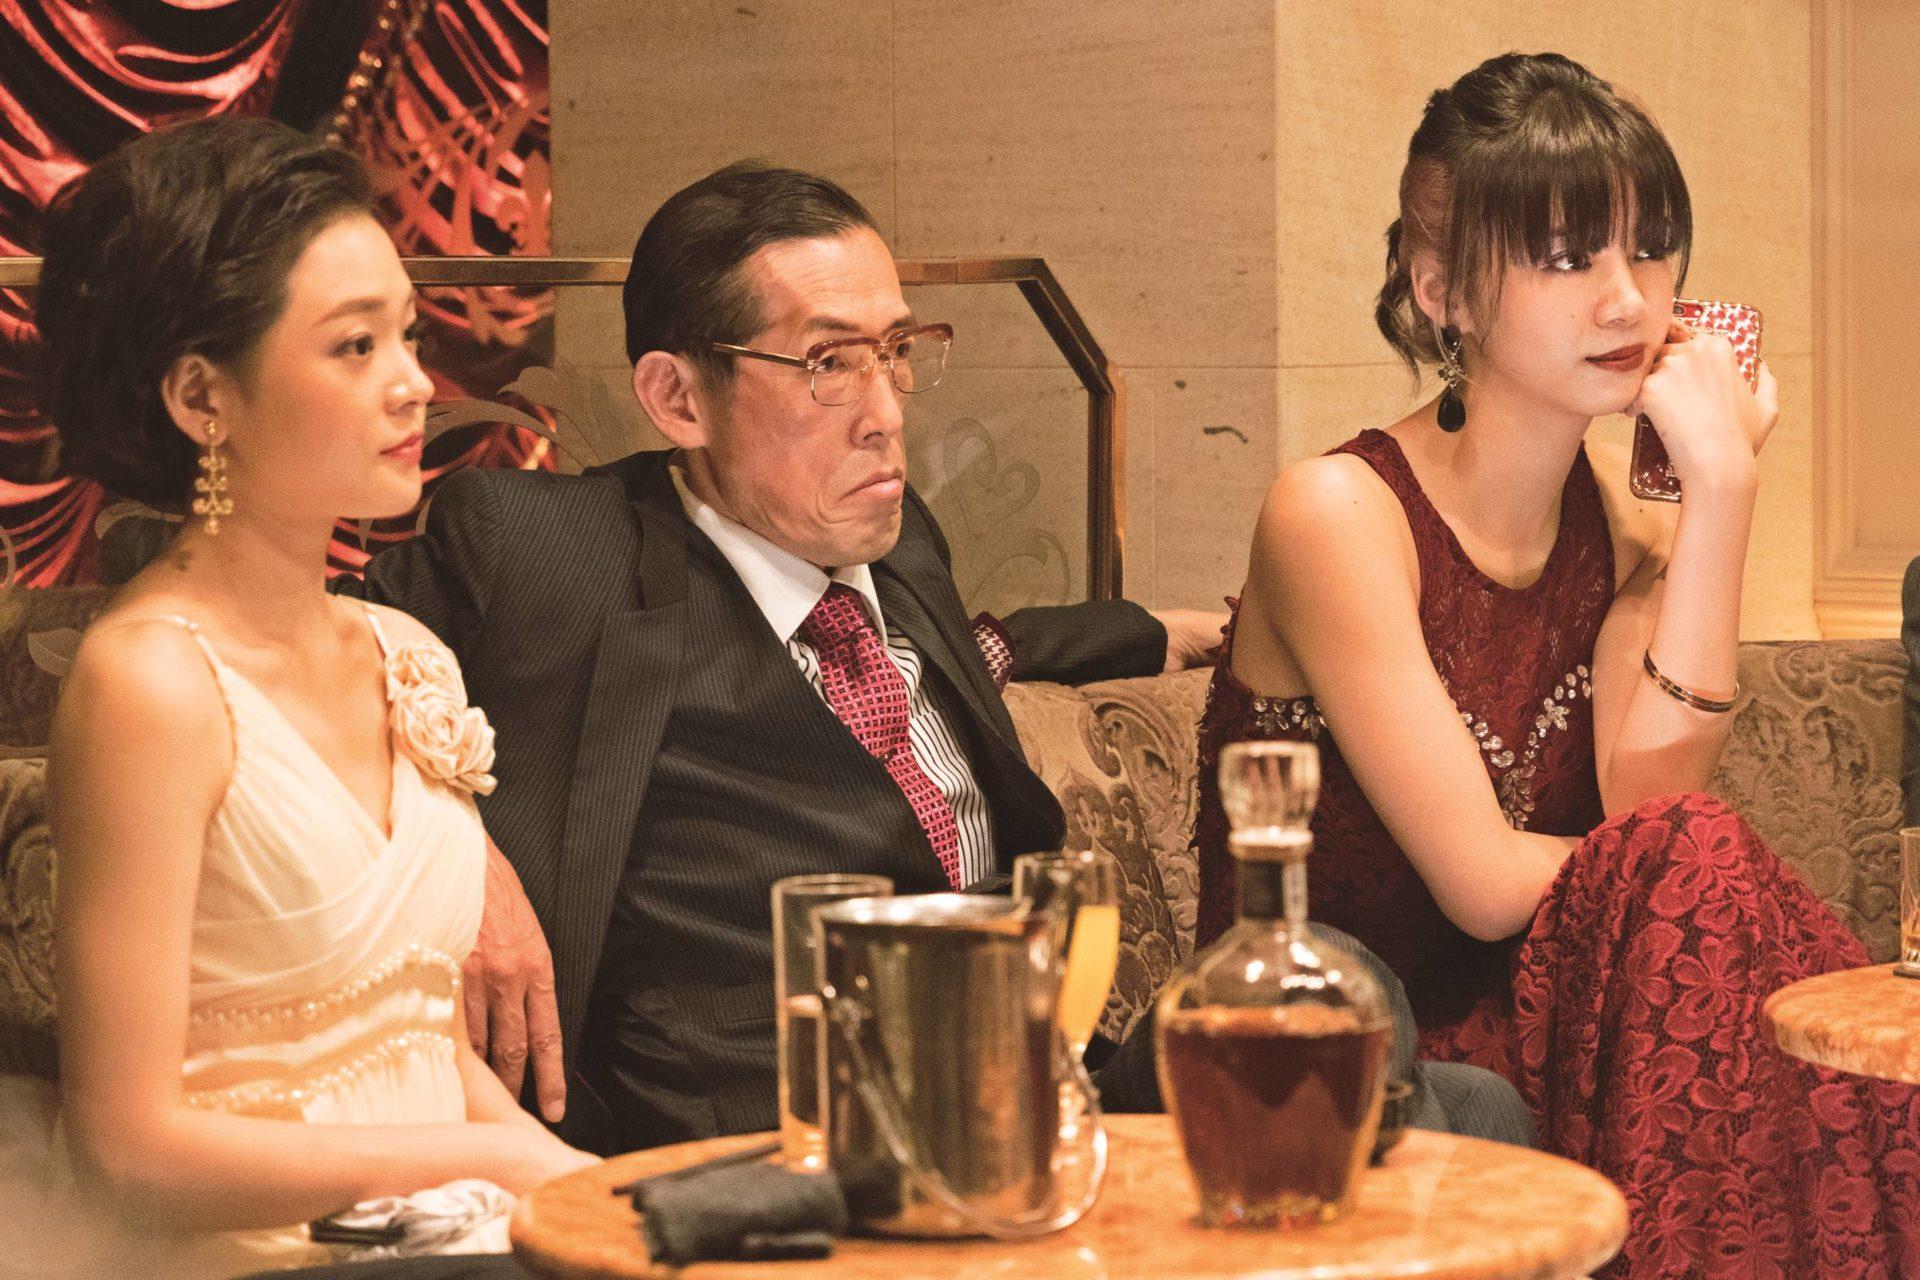 《靠北少女》每5分鐘就有大咖級驚喜 男神組團碾壓吉澤亮「神之胸美女」也客串